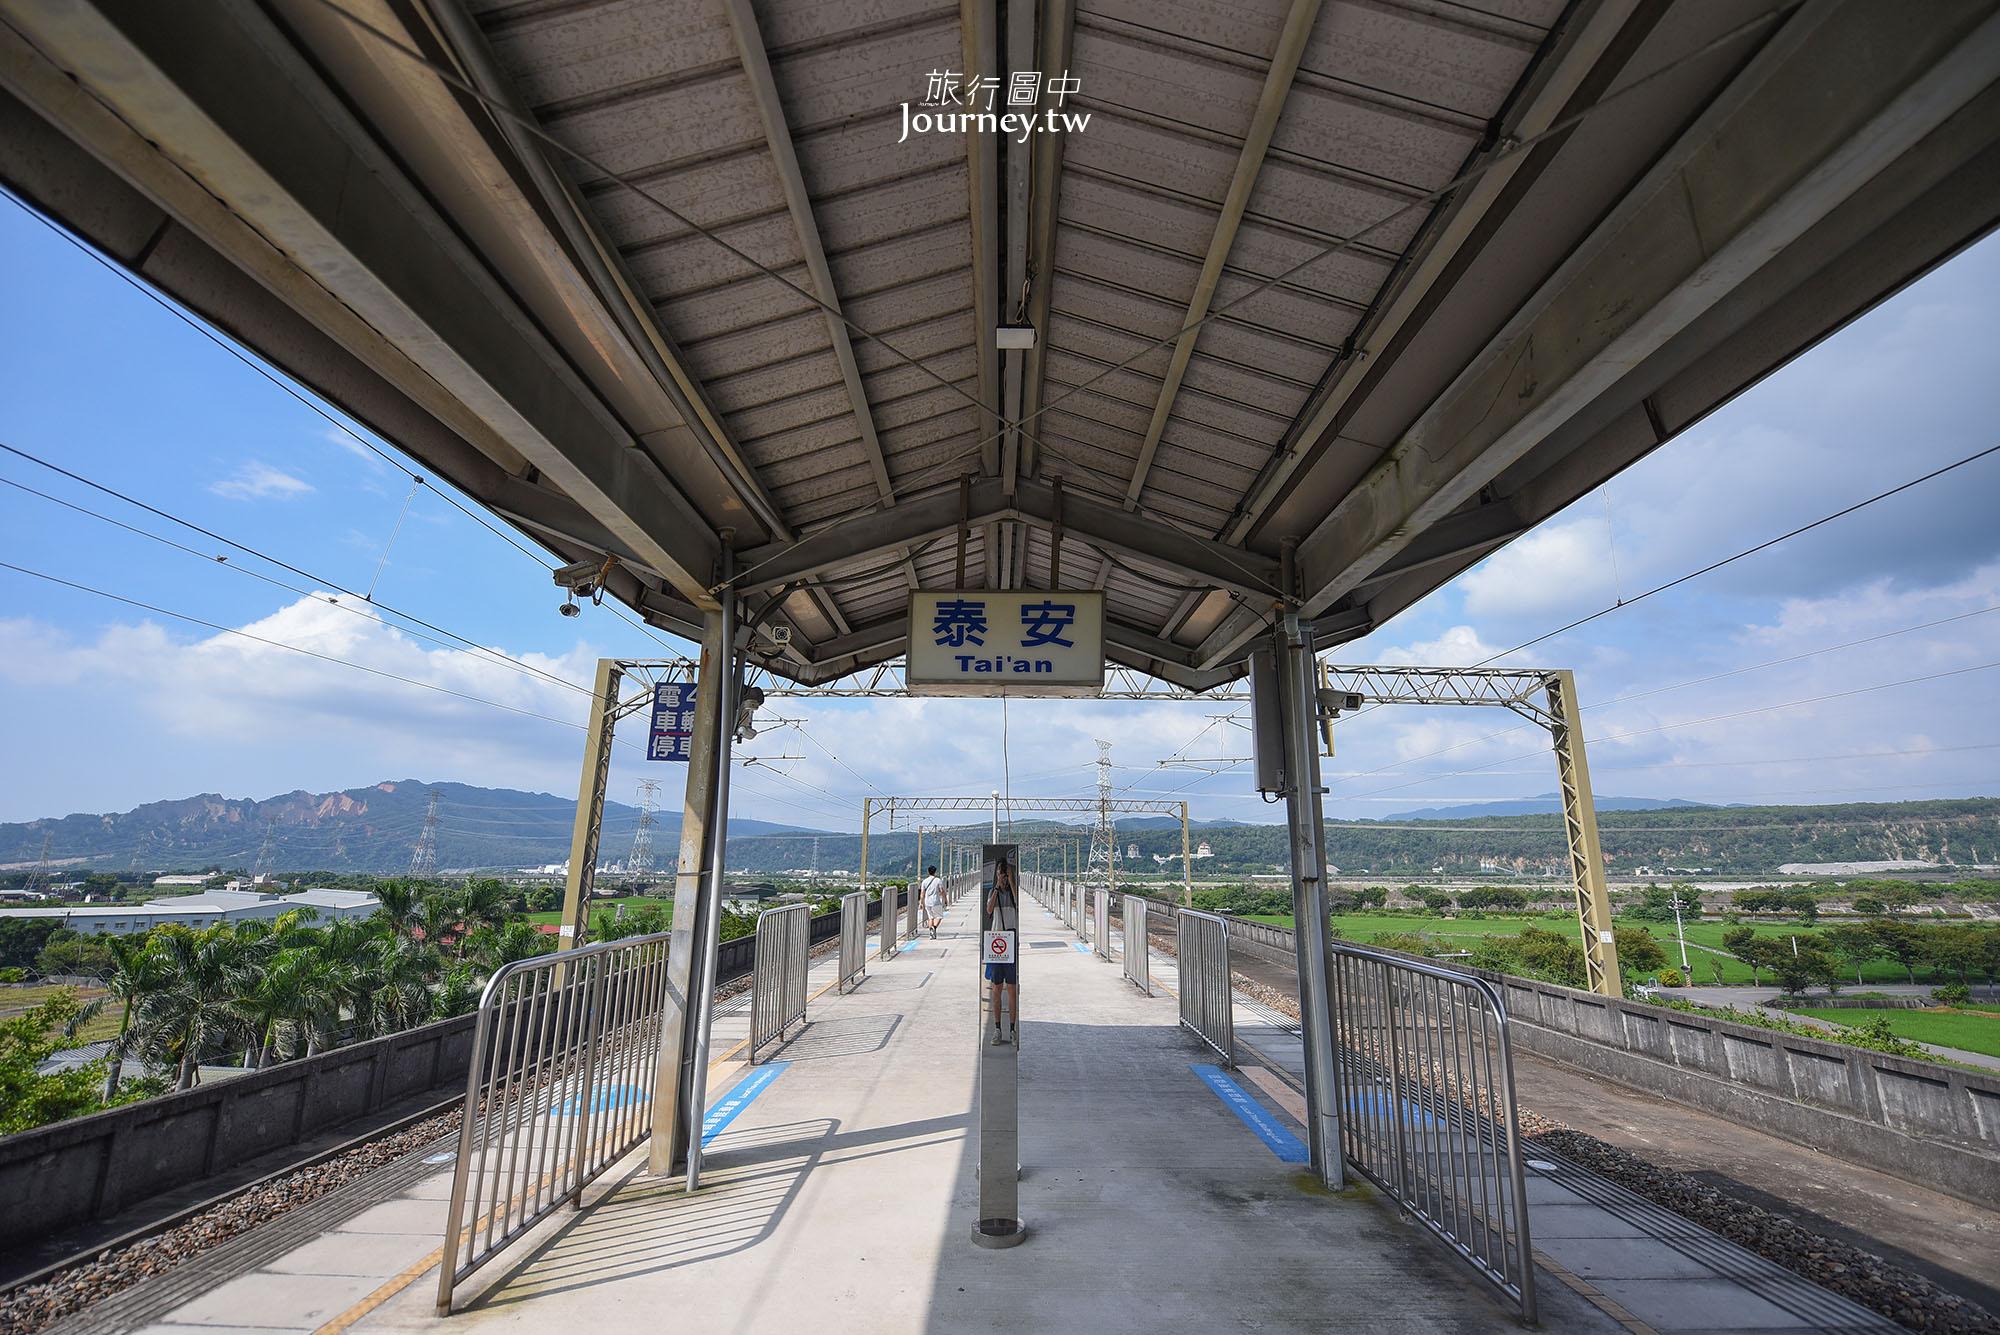 台中,台中景點,后里,后里景點,泰安車站,泰安鐵道文化園區